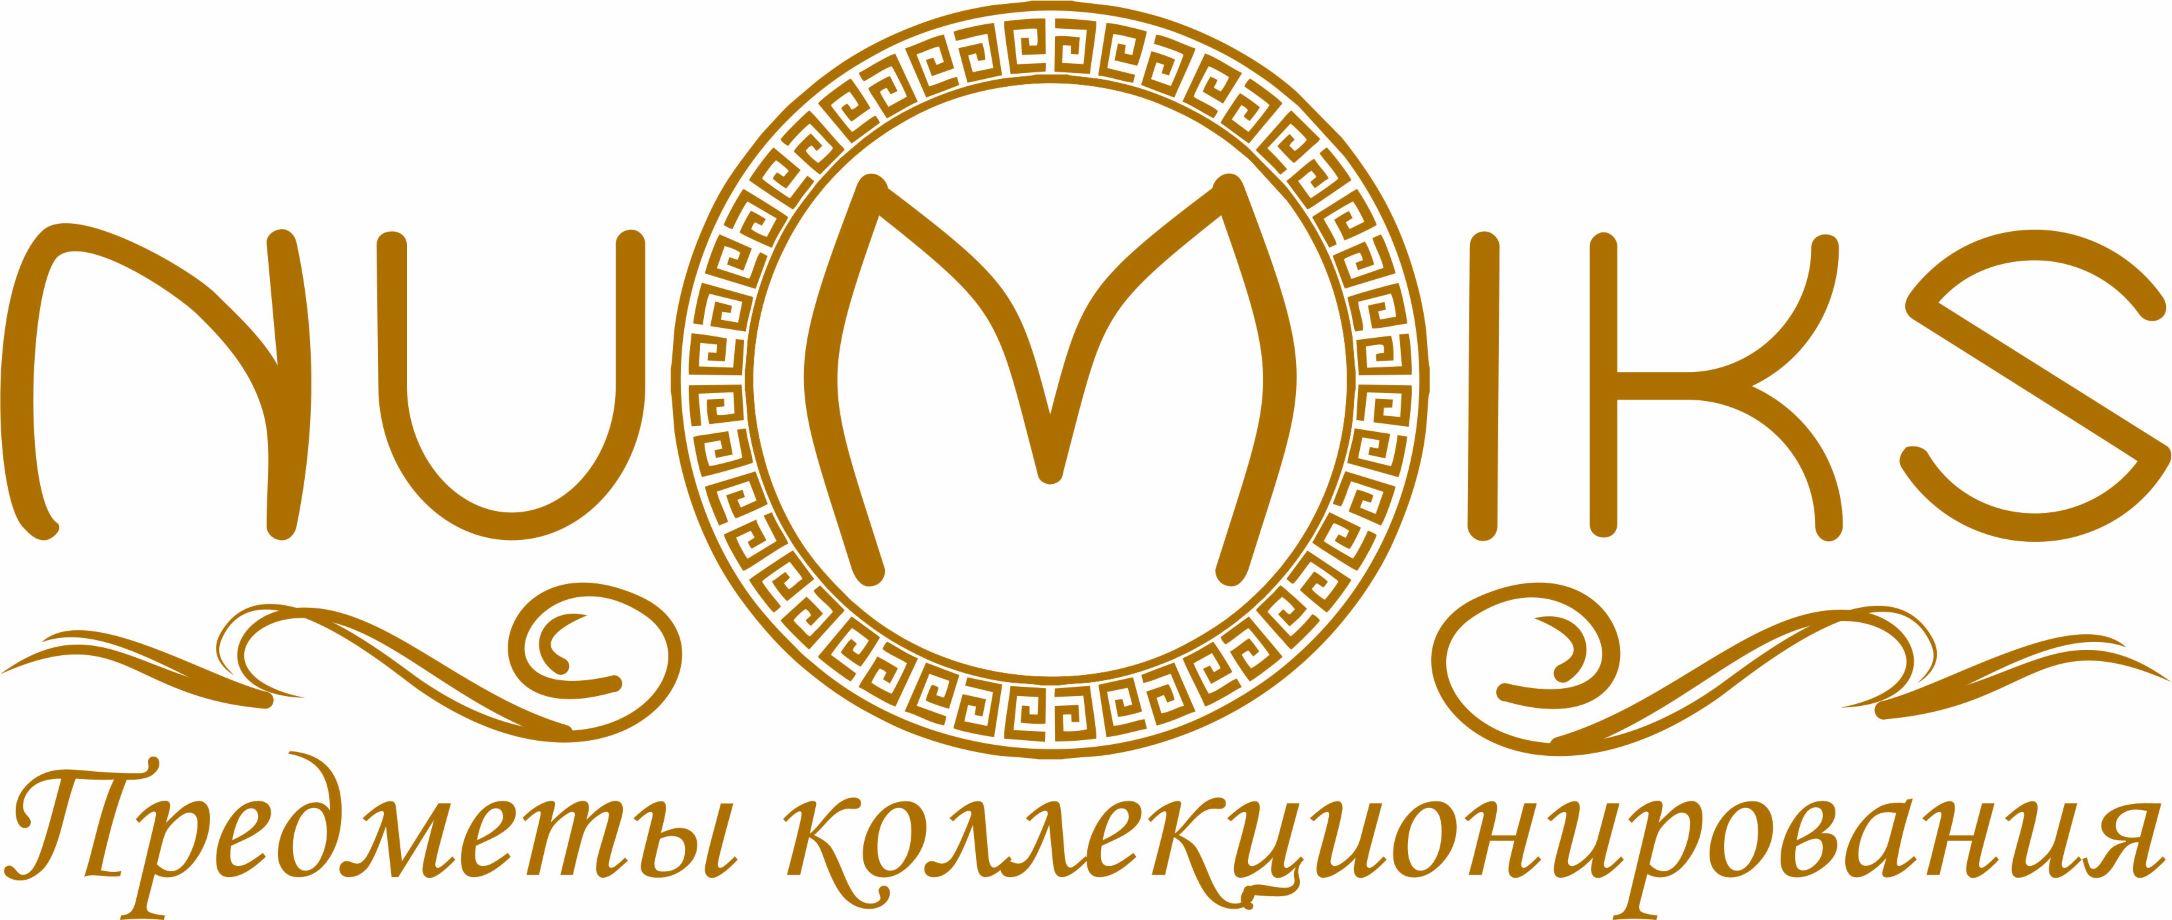 Логотип для интернет-магазина фото f_5865ecd2525506d0.jpg